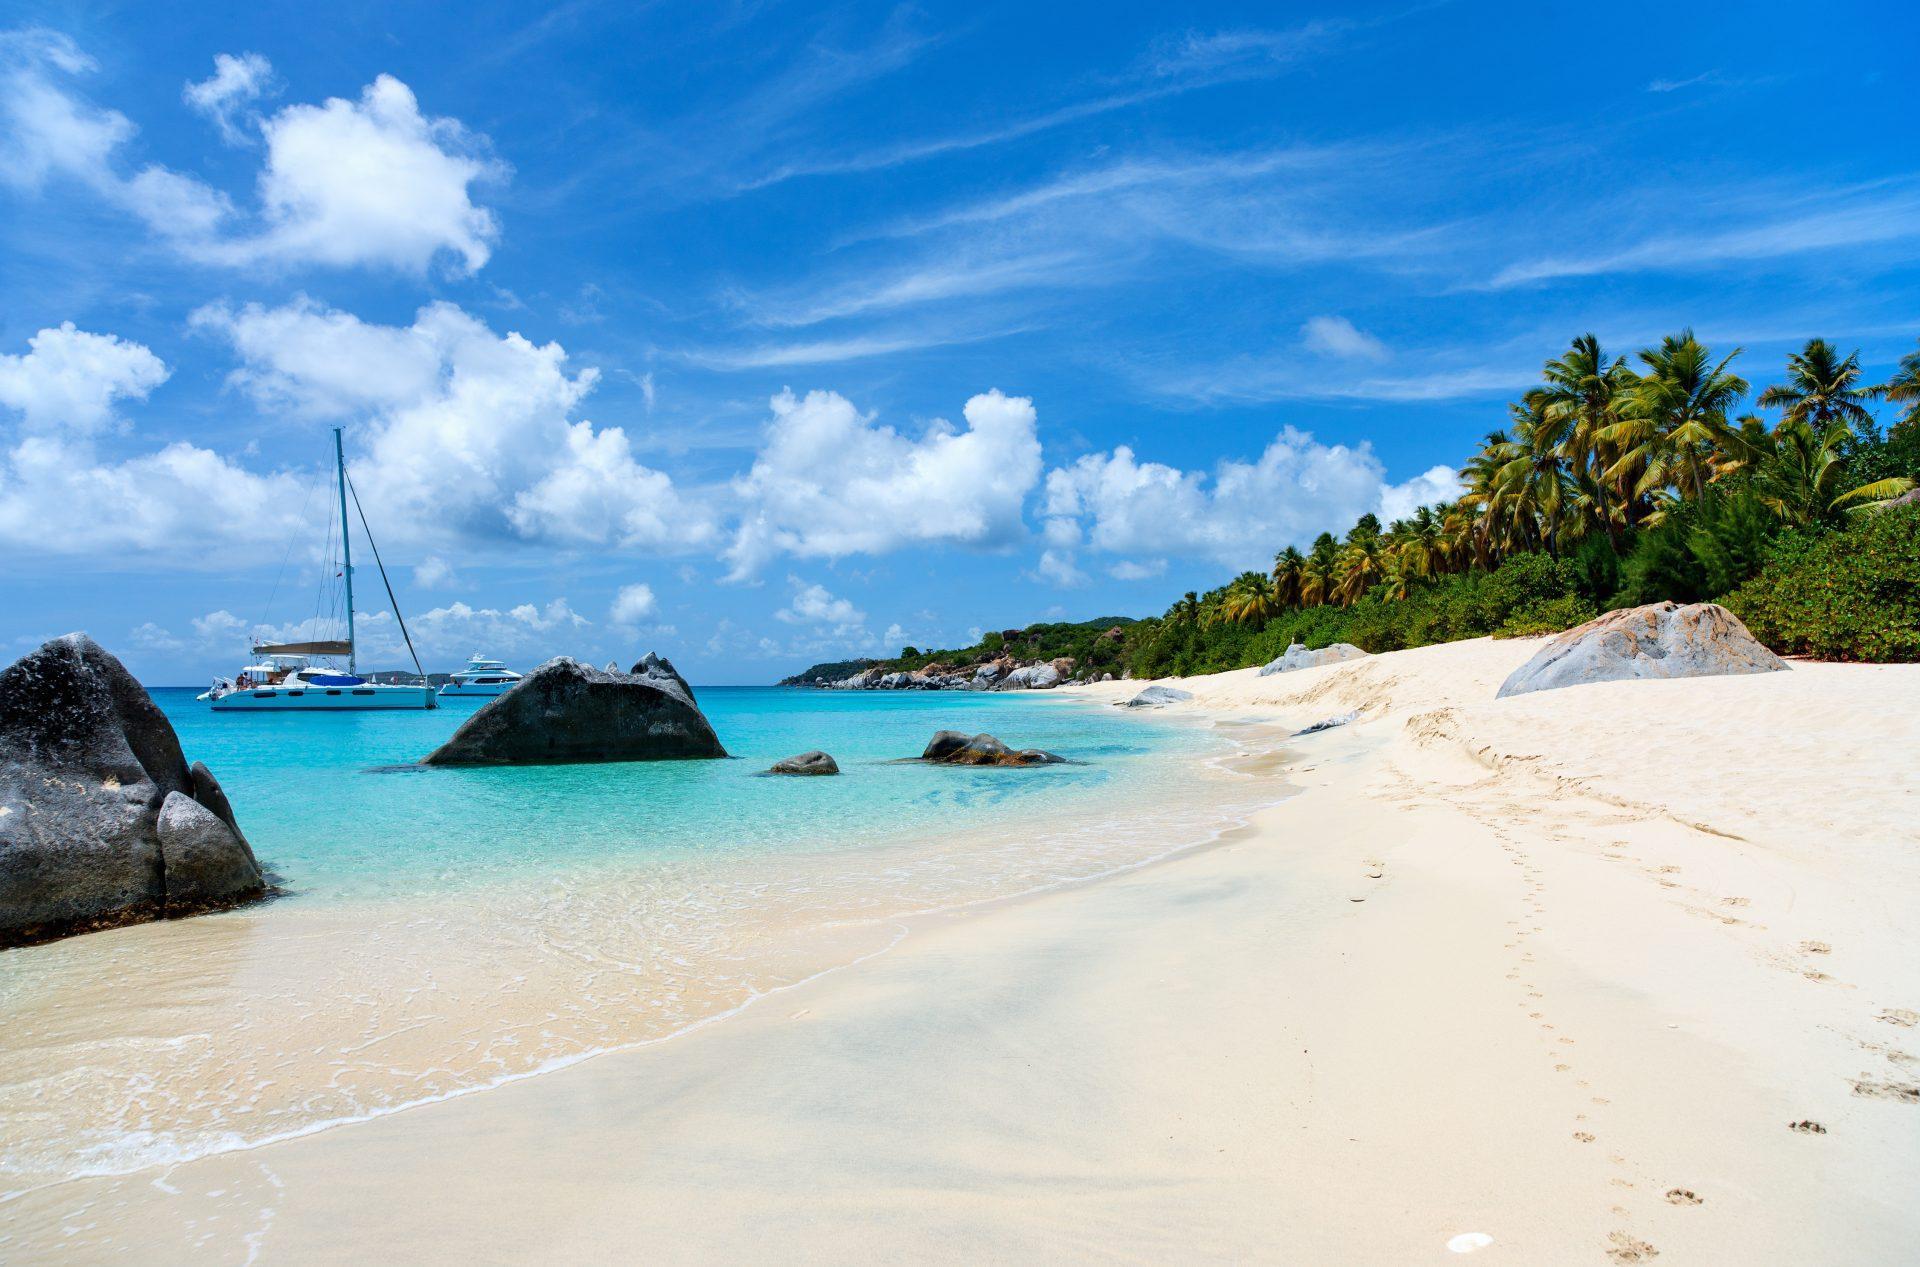 vacanță după Coronaviurs: Insulele Virgine Britanice